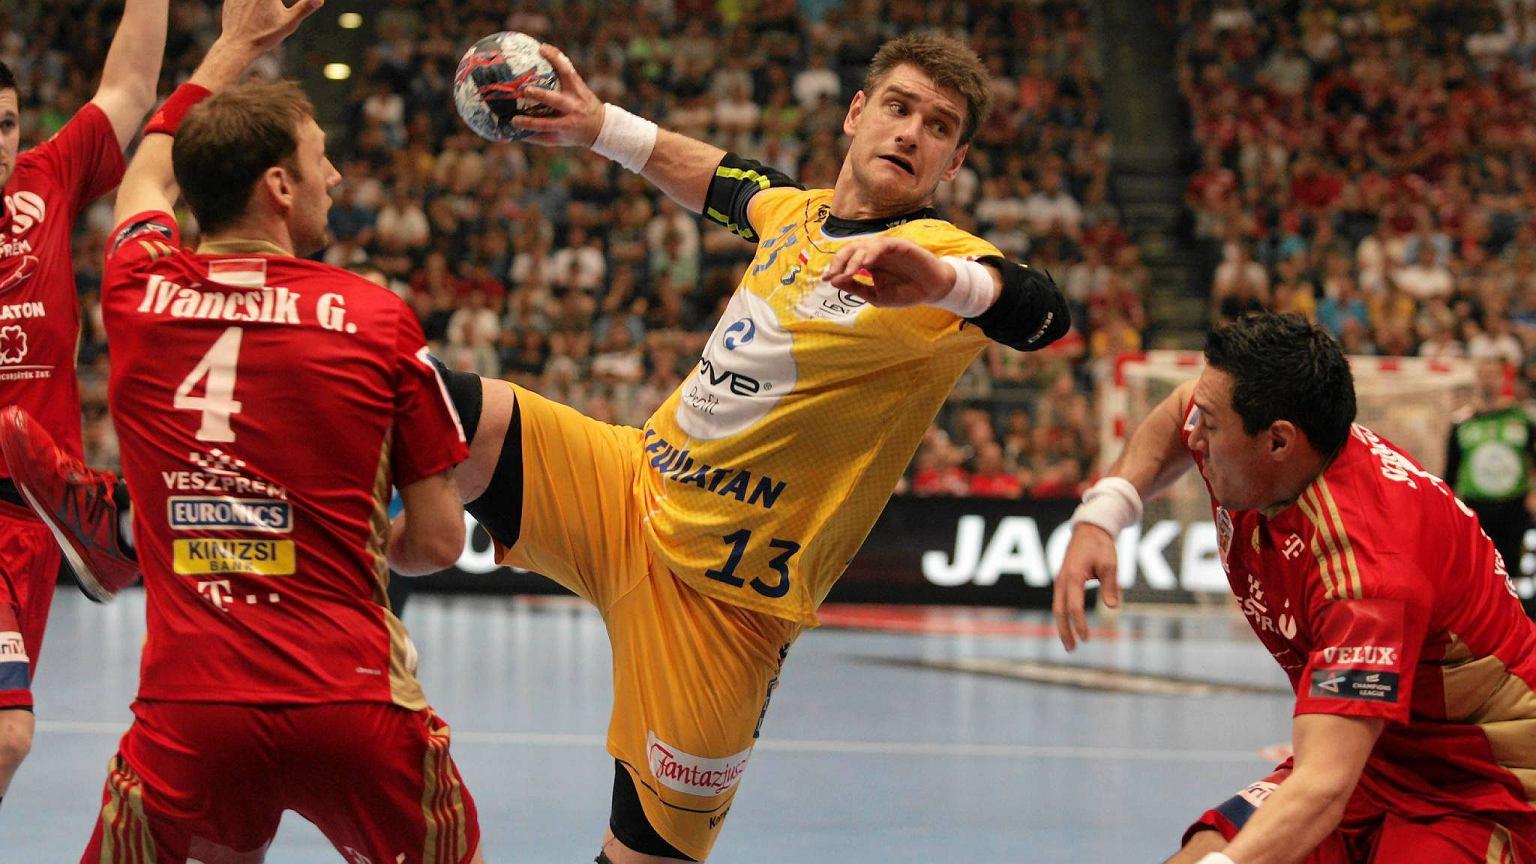 Najdziwniejszy finał świata! Vive Tauron odrabia 9 bramek, wygrywa karne i zdobywa Ligę Mistrzów ...